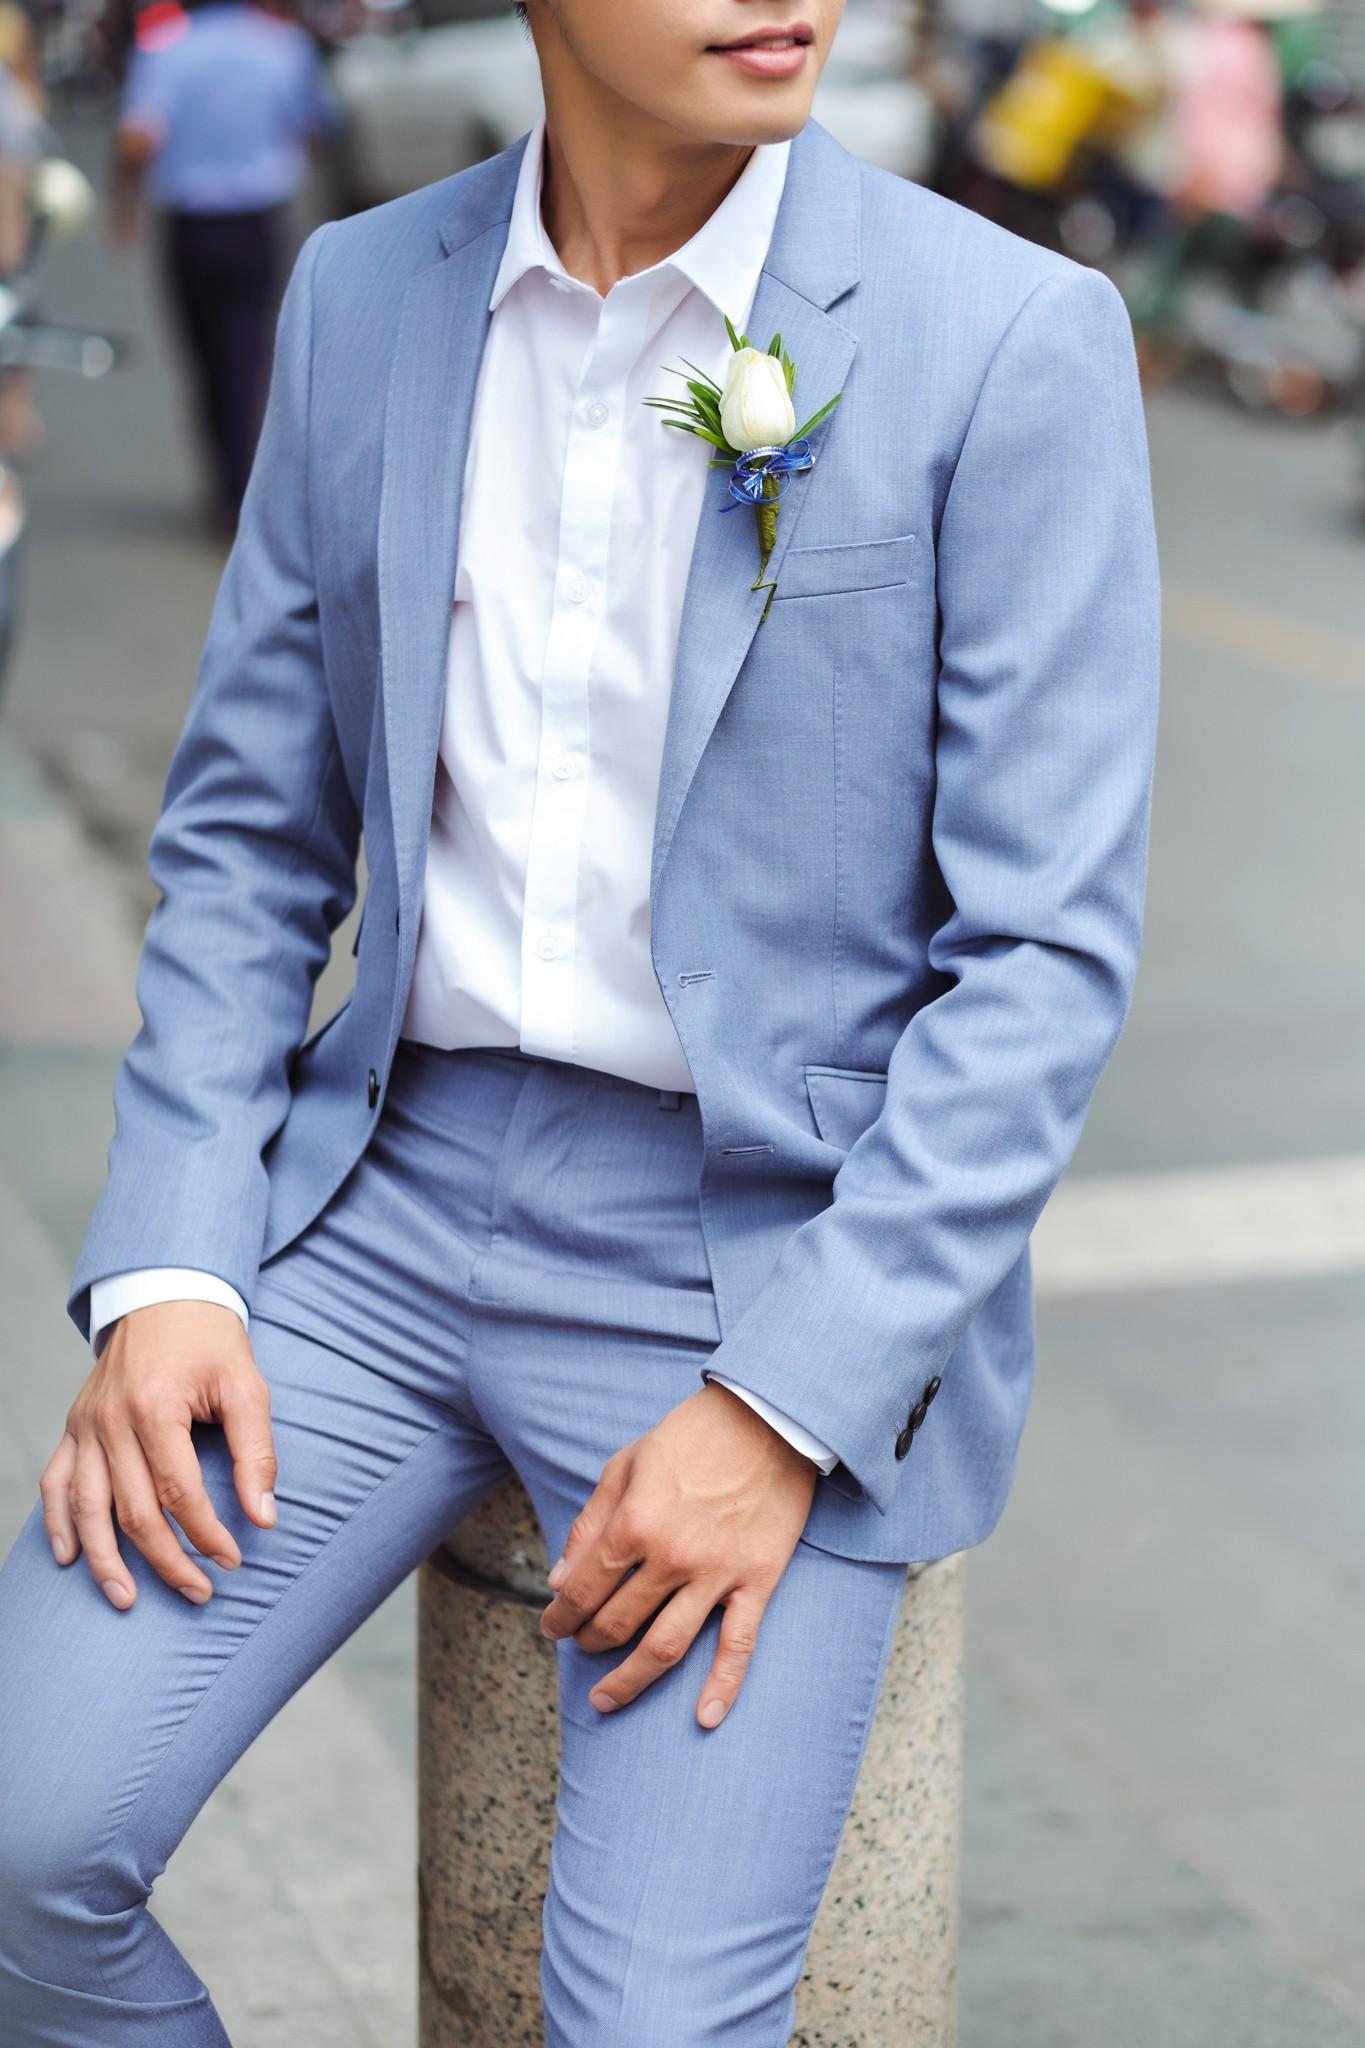 Học cách biến hóa cùng chàng dancer Quang Đăng với những bộ suit Topman - Ảnh 6.